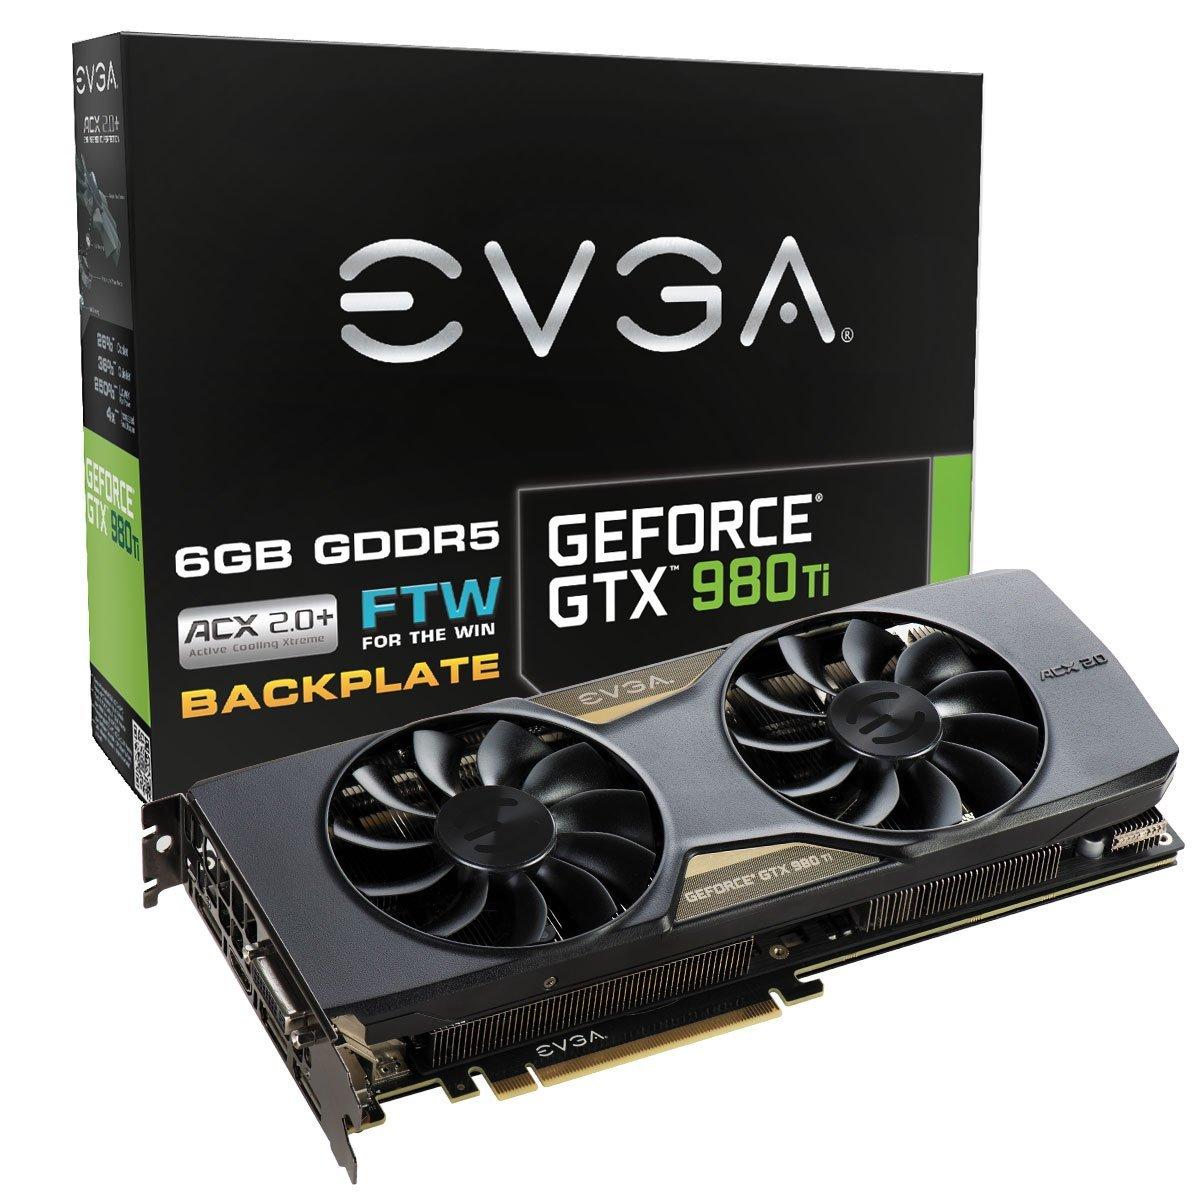 EVGA GeForce GTX 980 Ti